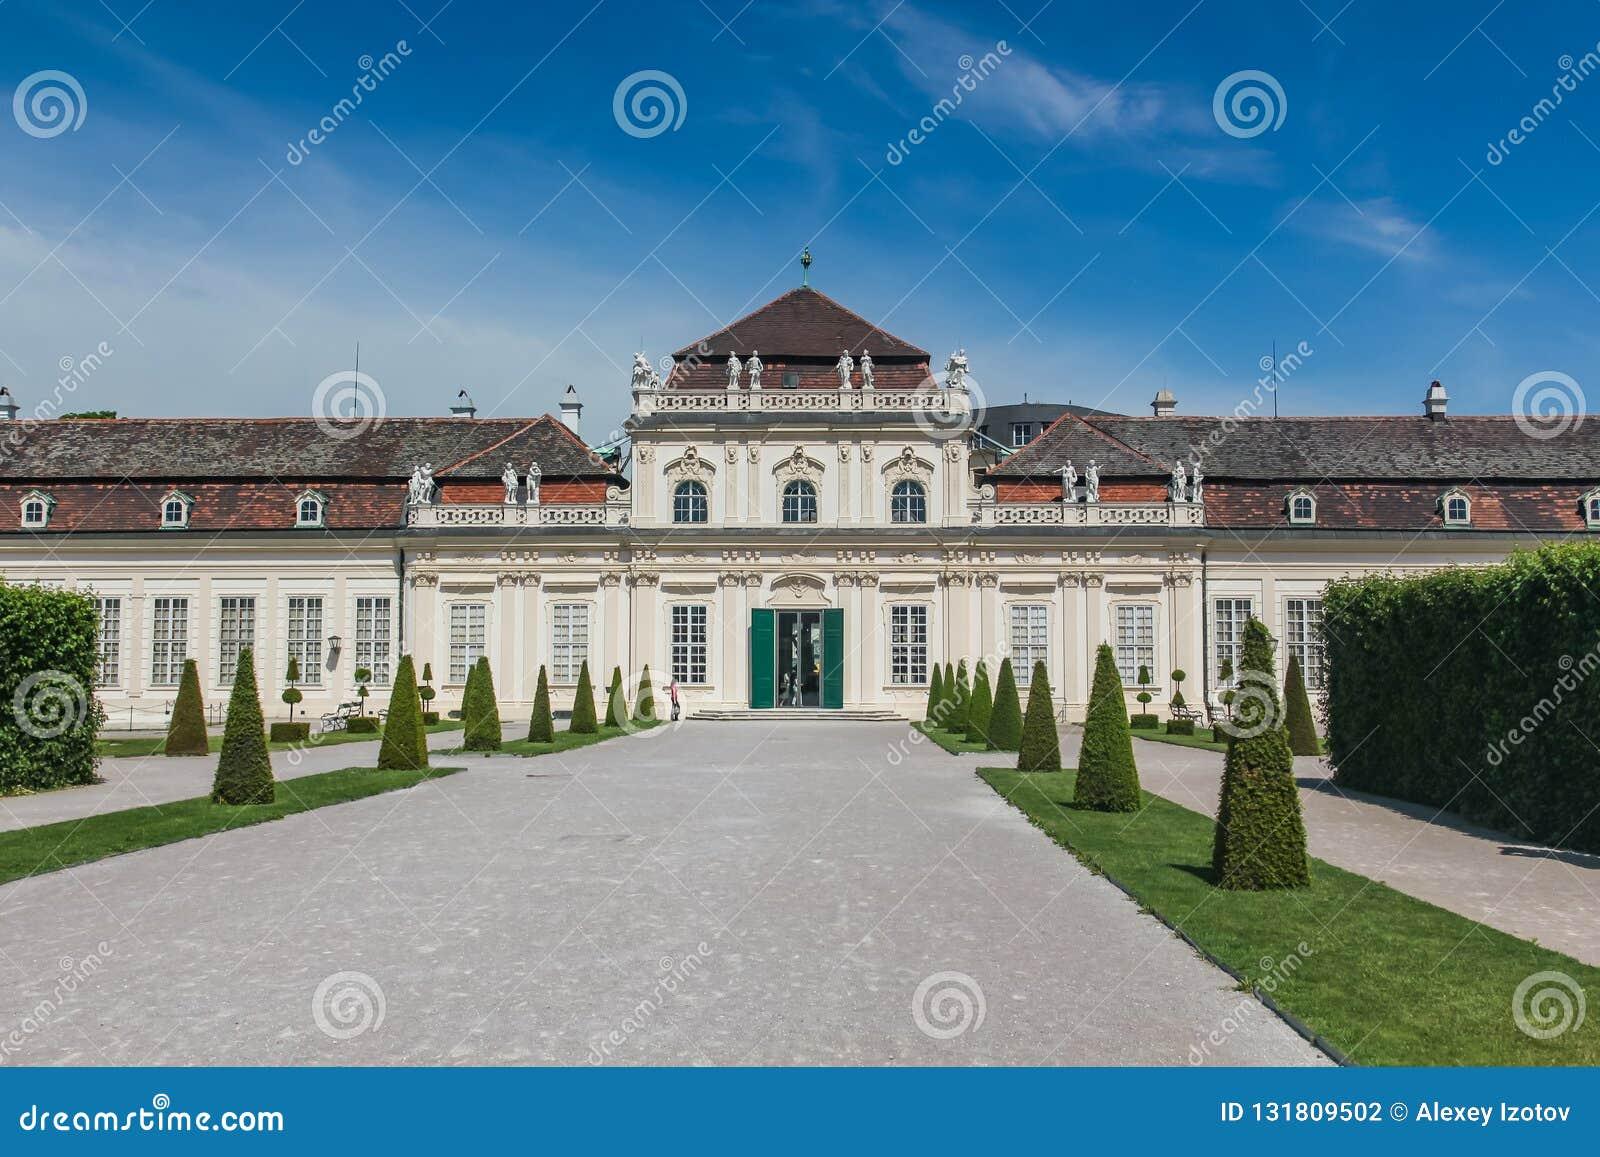 Orangerie, jardins inférieurs de palais de belvédère, Wien, Vienne, Autriche